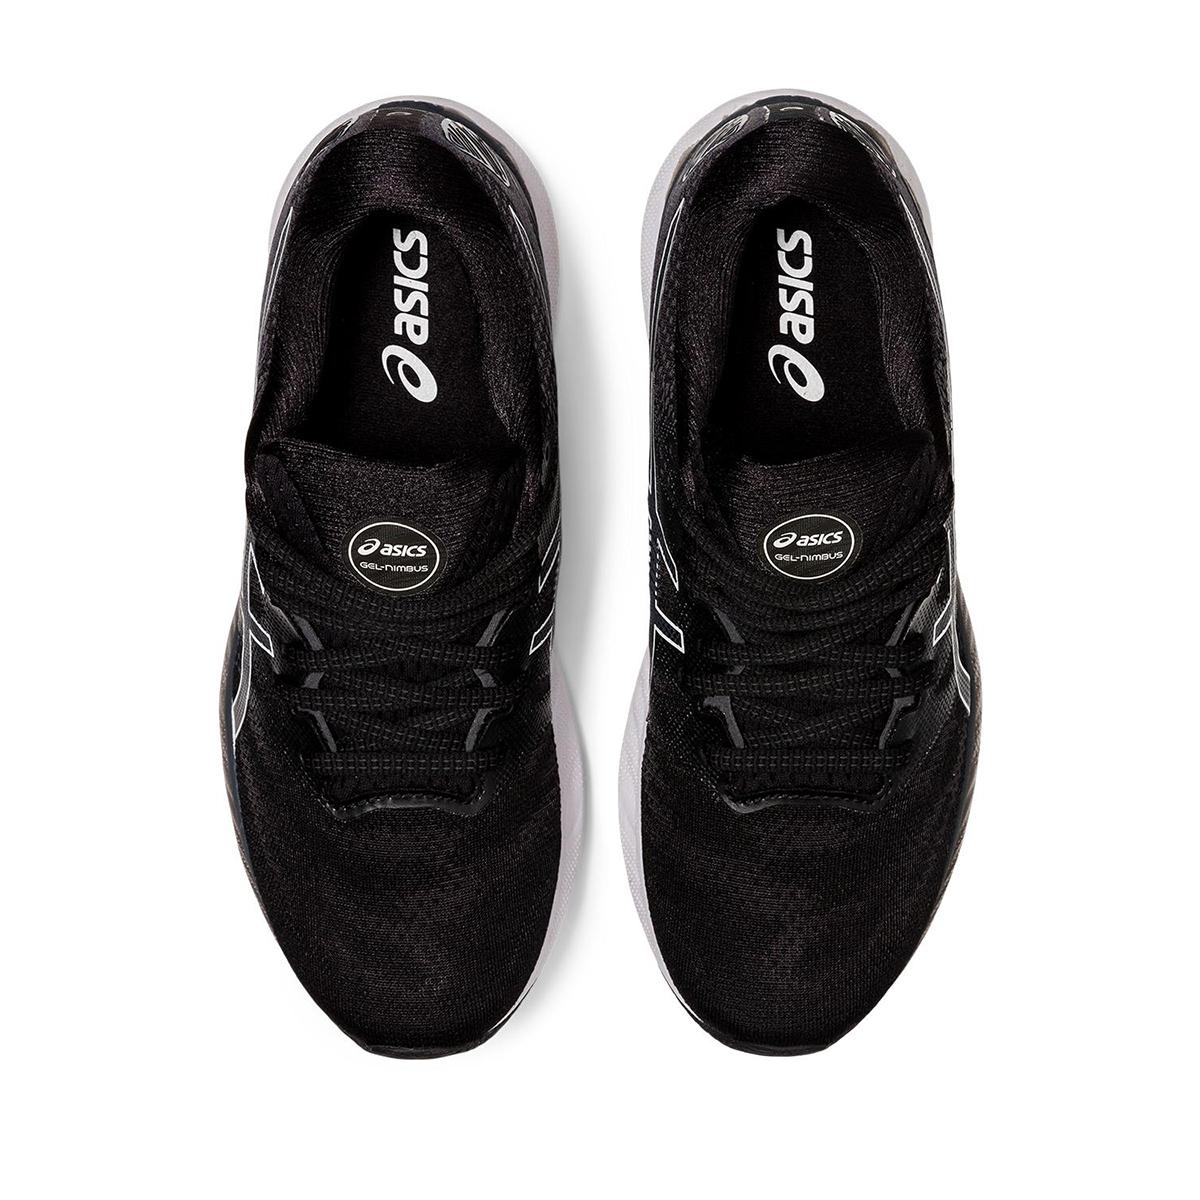 Women's Asics GEL-Nimbus 23 Running Shoe, , large, image 5